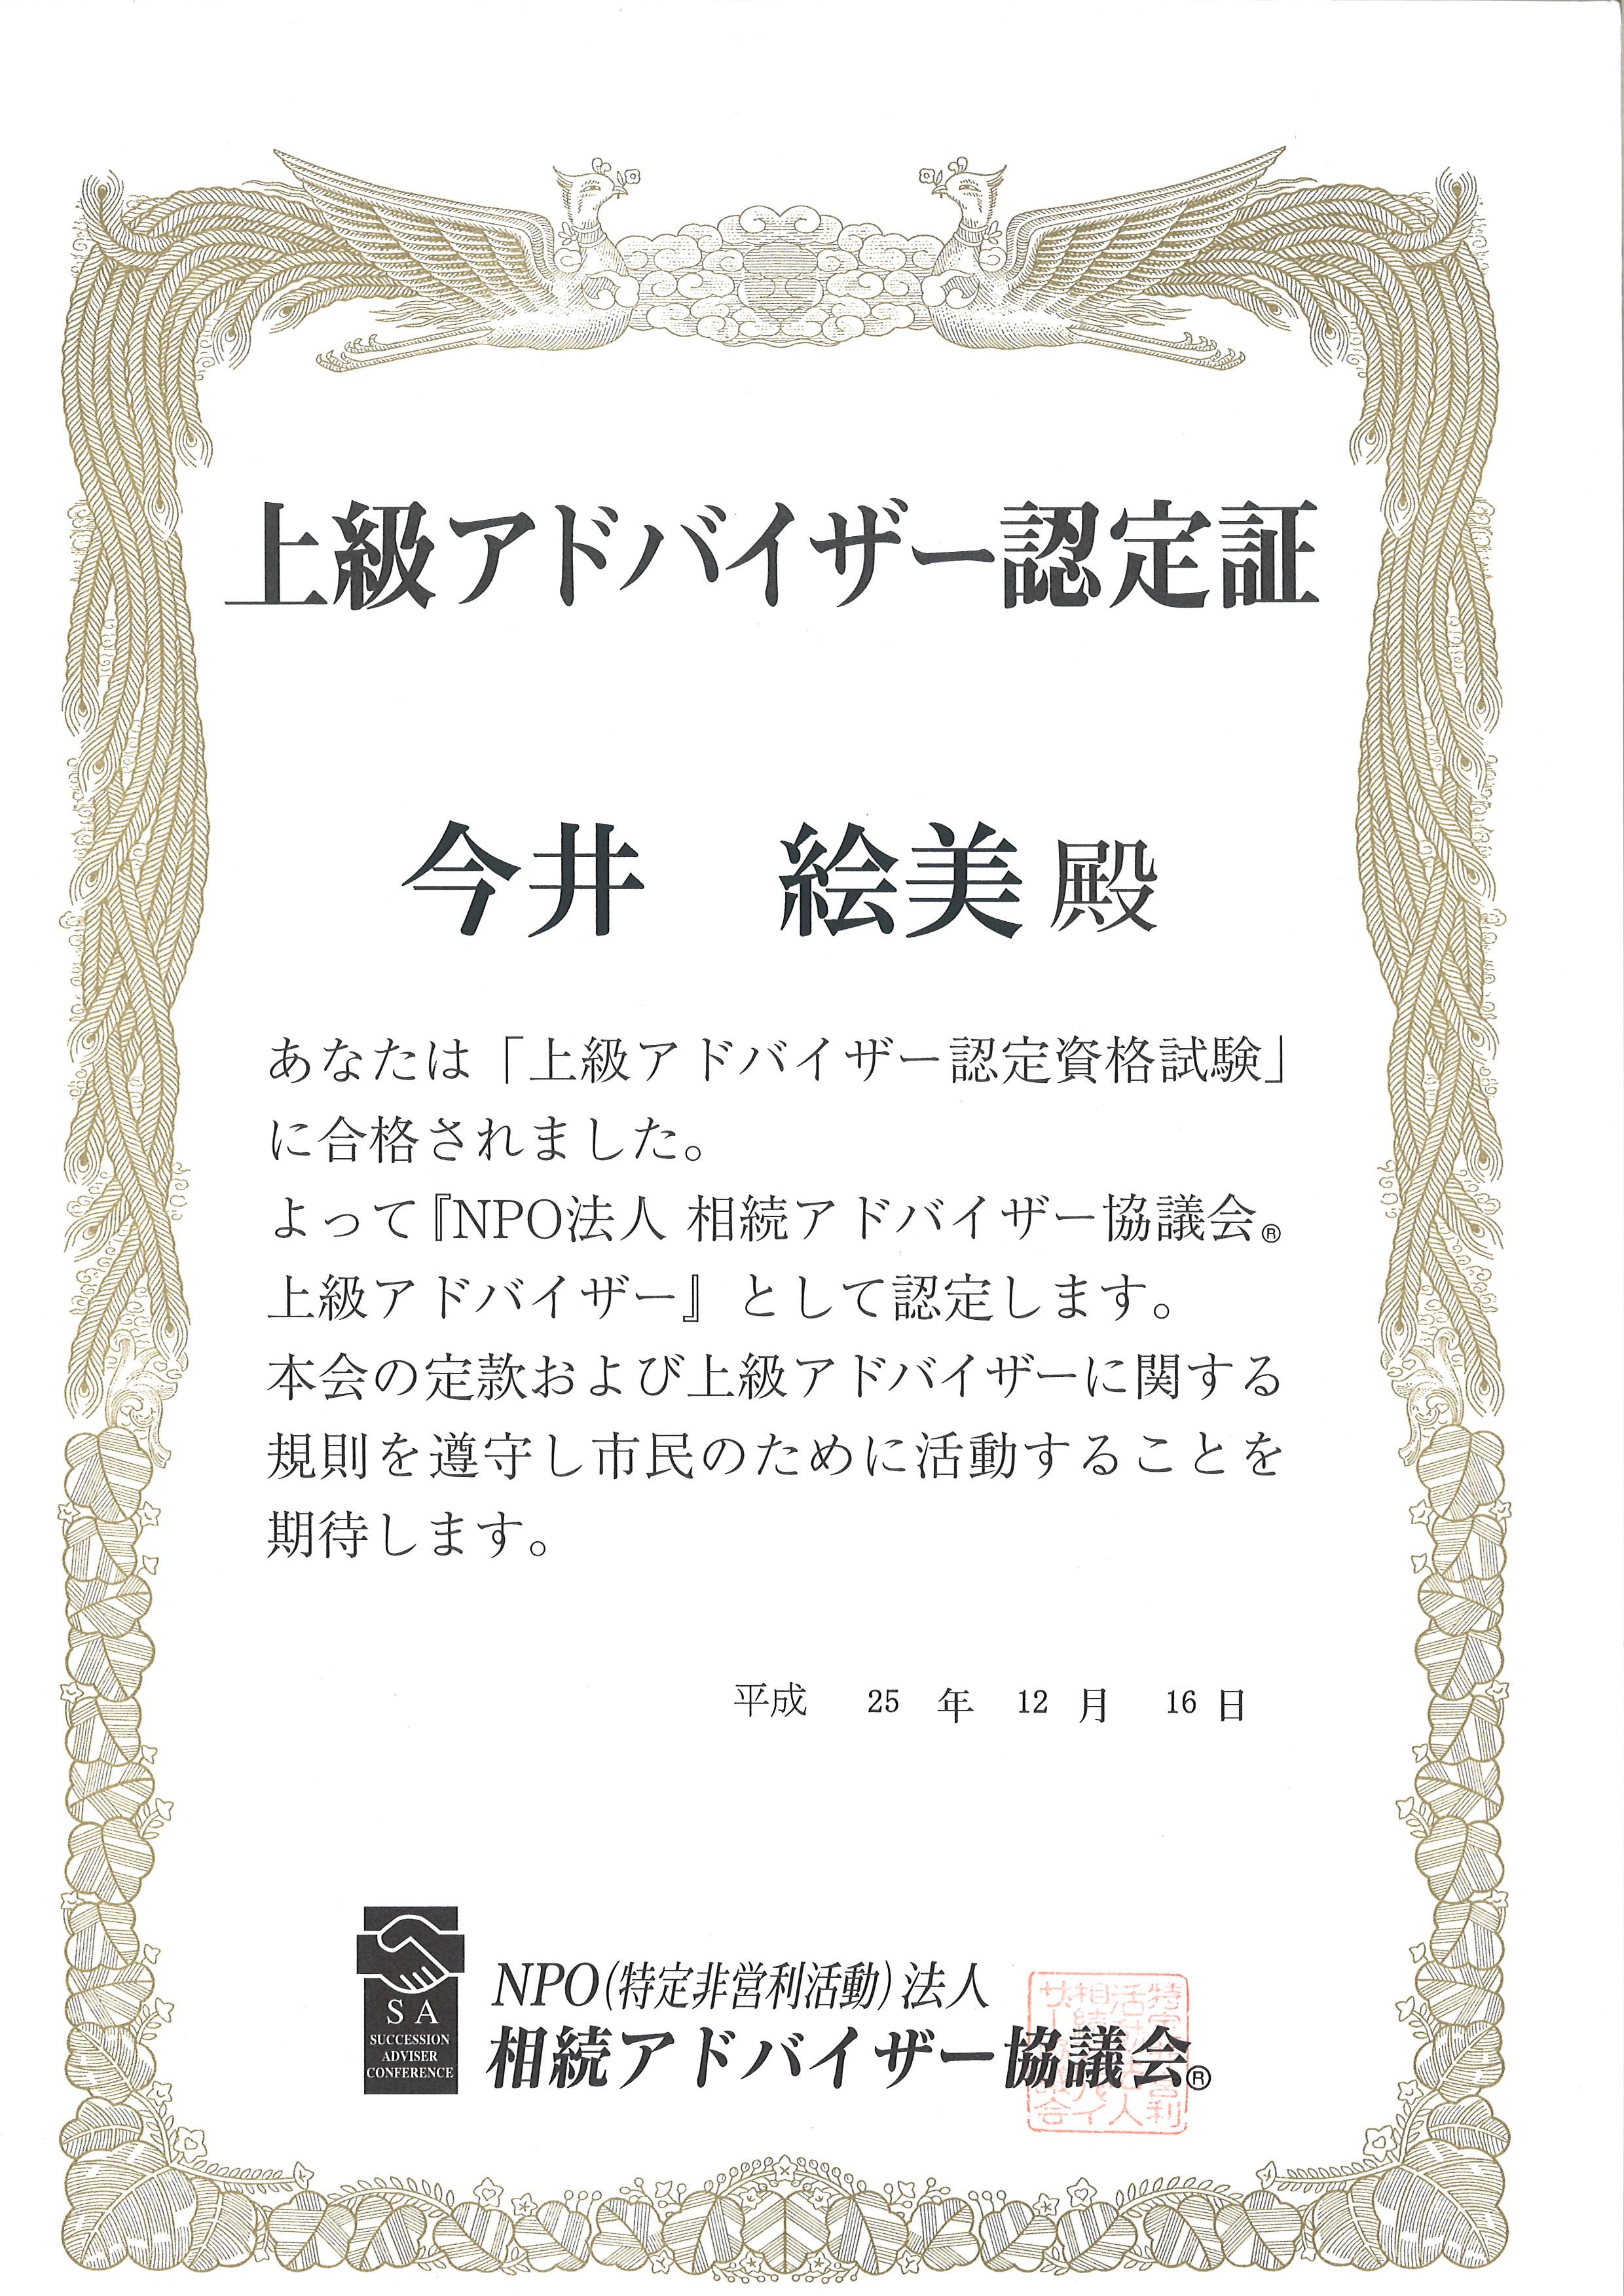 20131220173144_00001.jpg